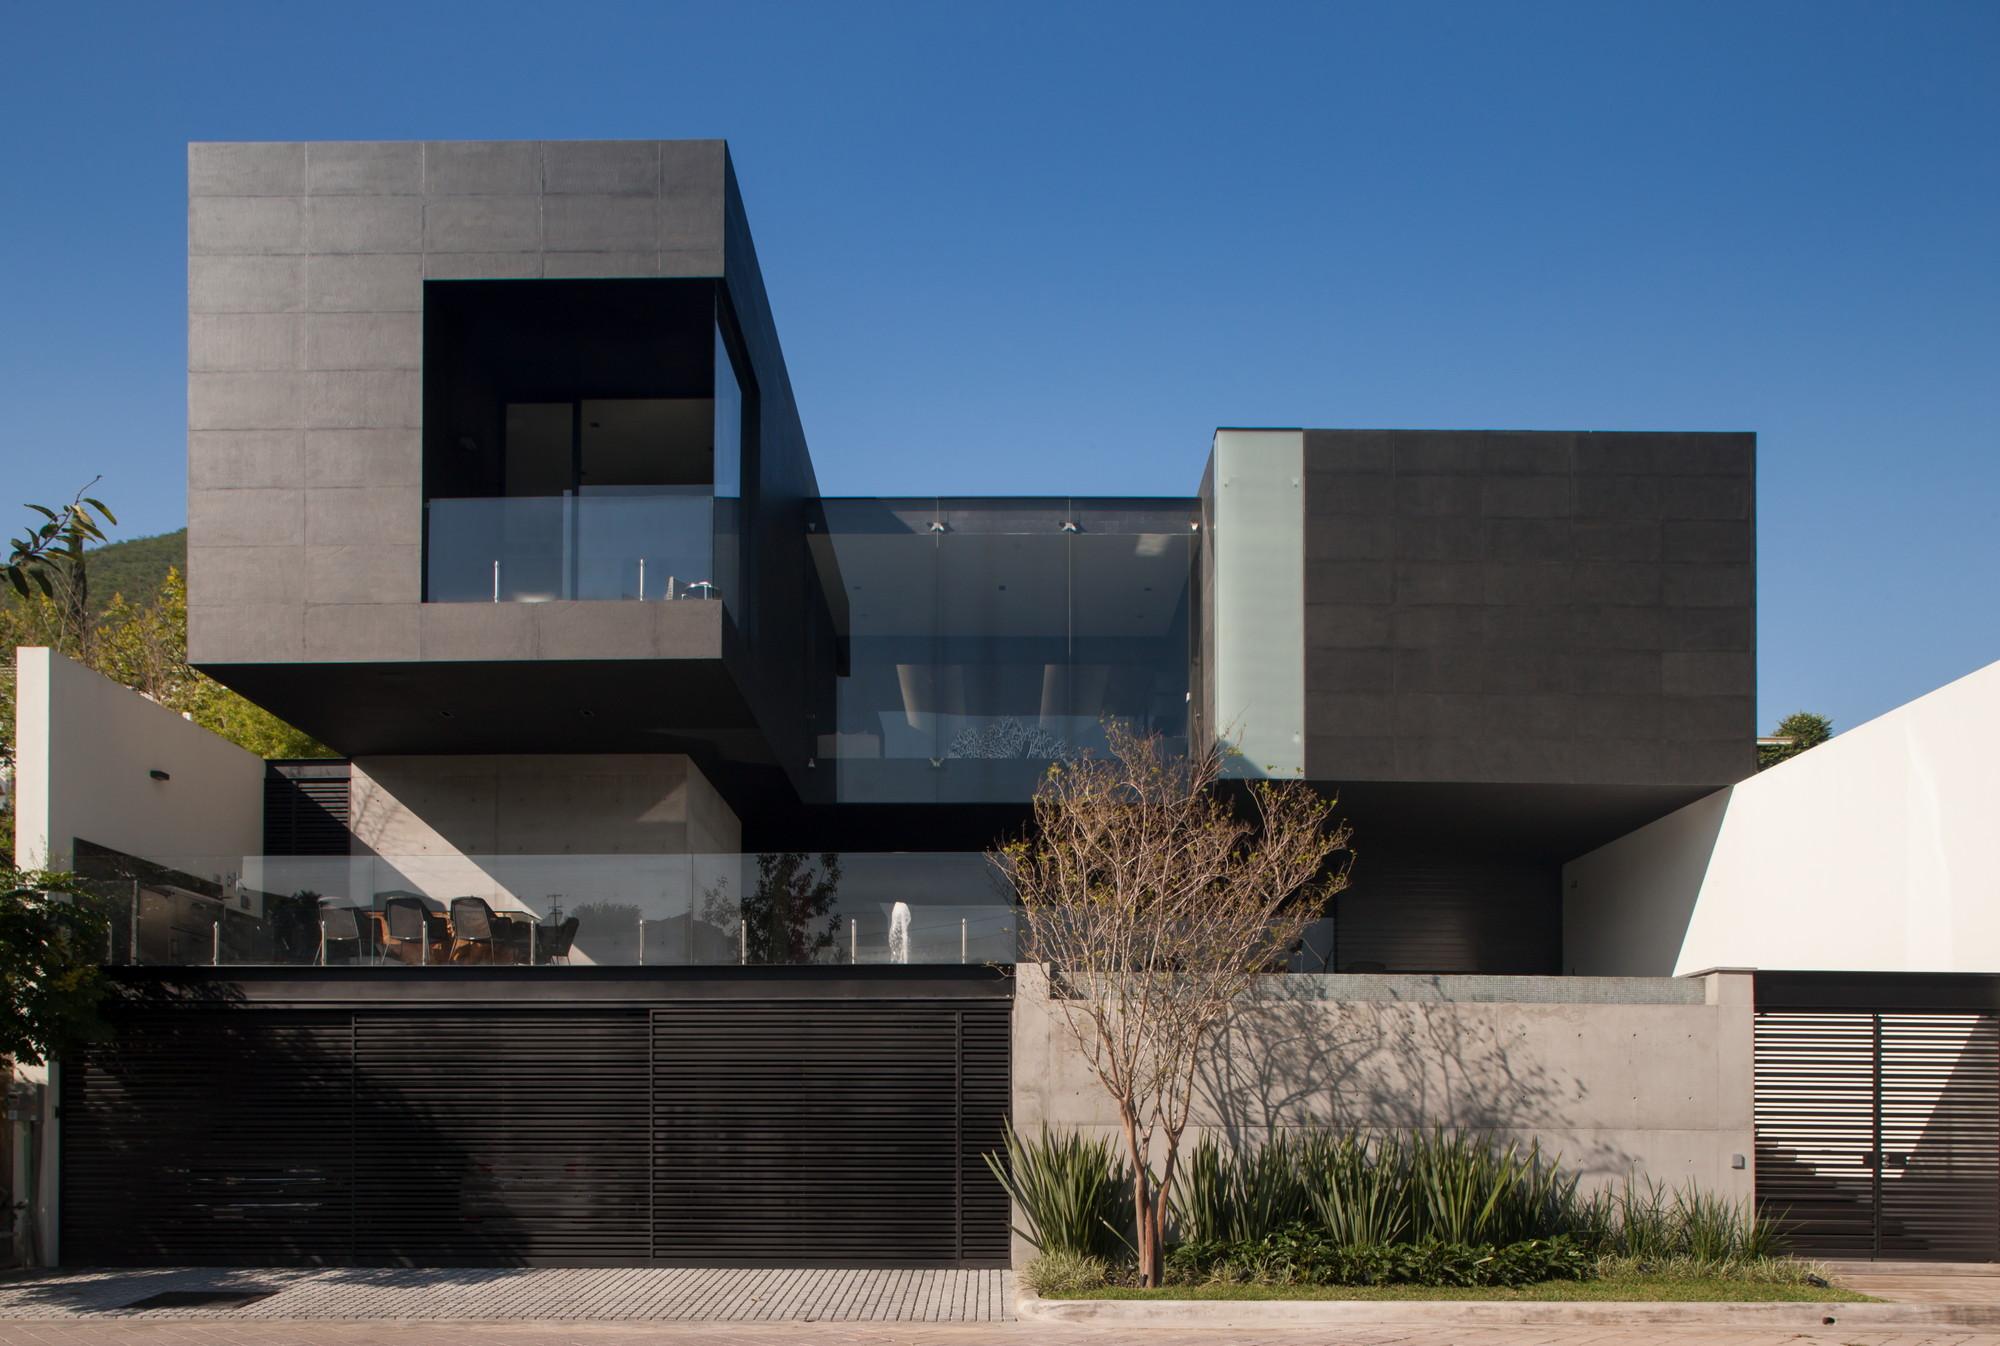 Galer a de casa ch glr arquitectos 6 for Casa moderna 44 belvedere